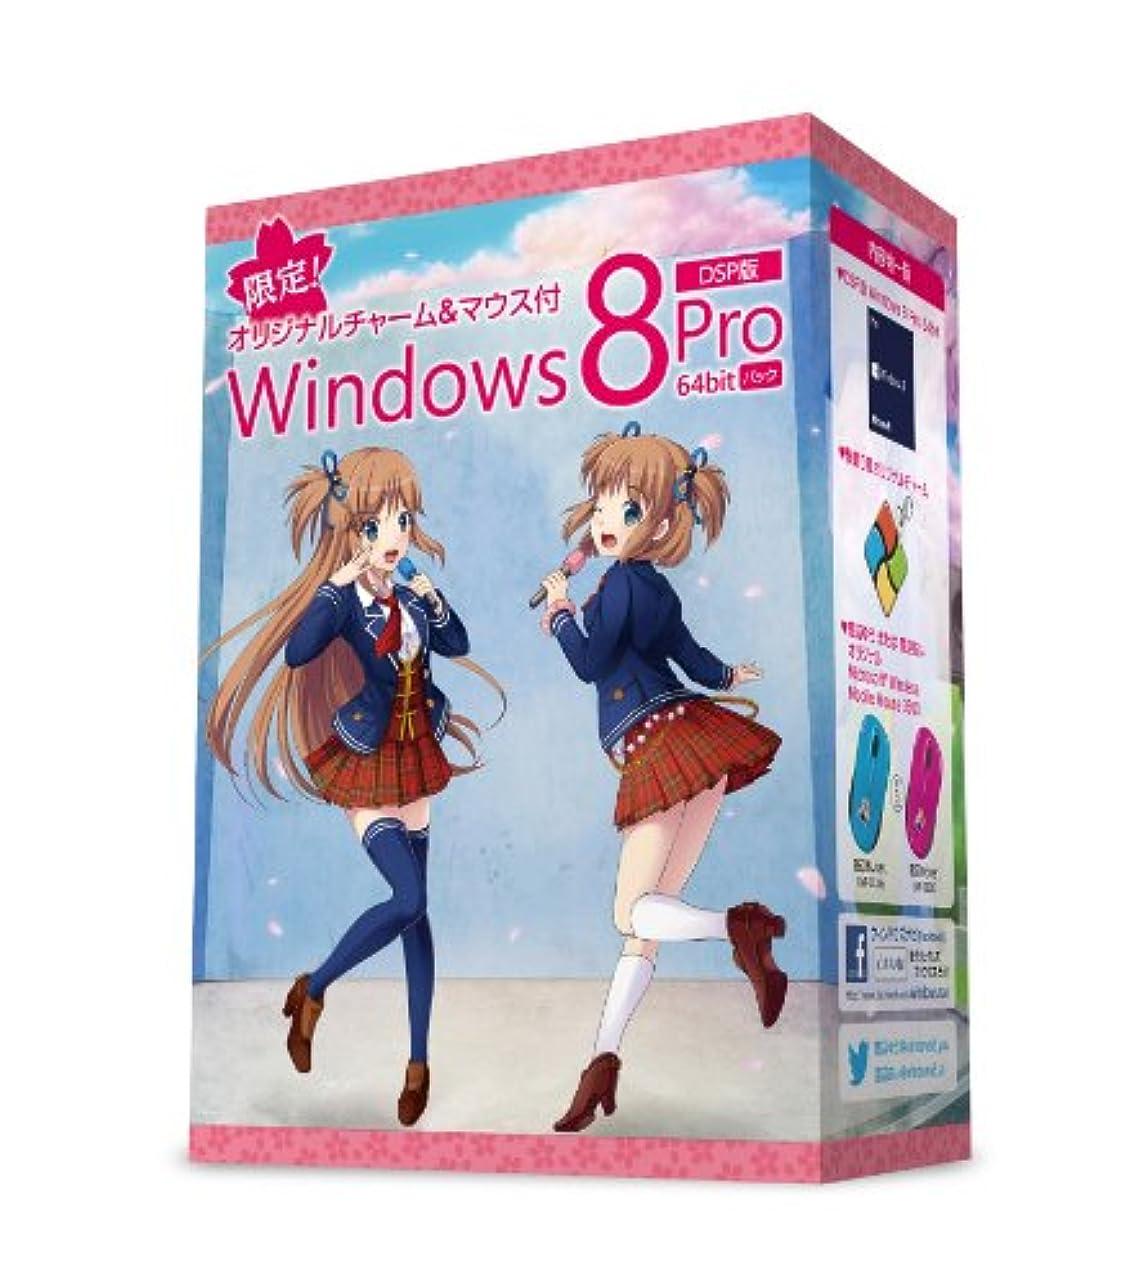 幅子猫ハンバーガーMicrosoft Windows 8 Pro (DSP版) 64bit GW特別パッケージ (窓辺あい Ver)